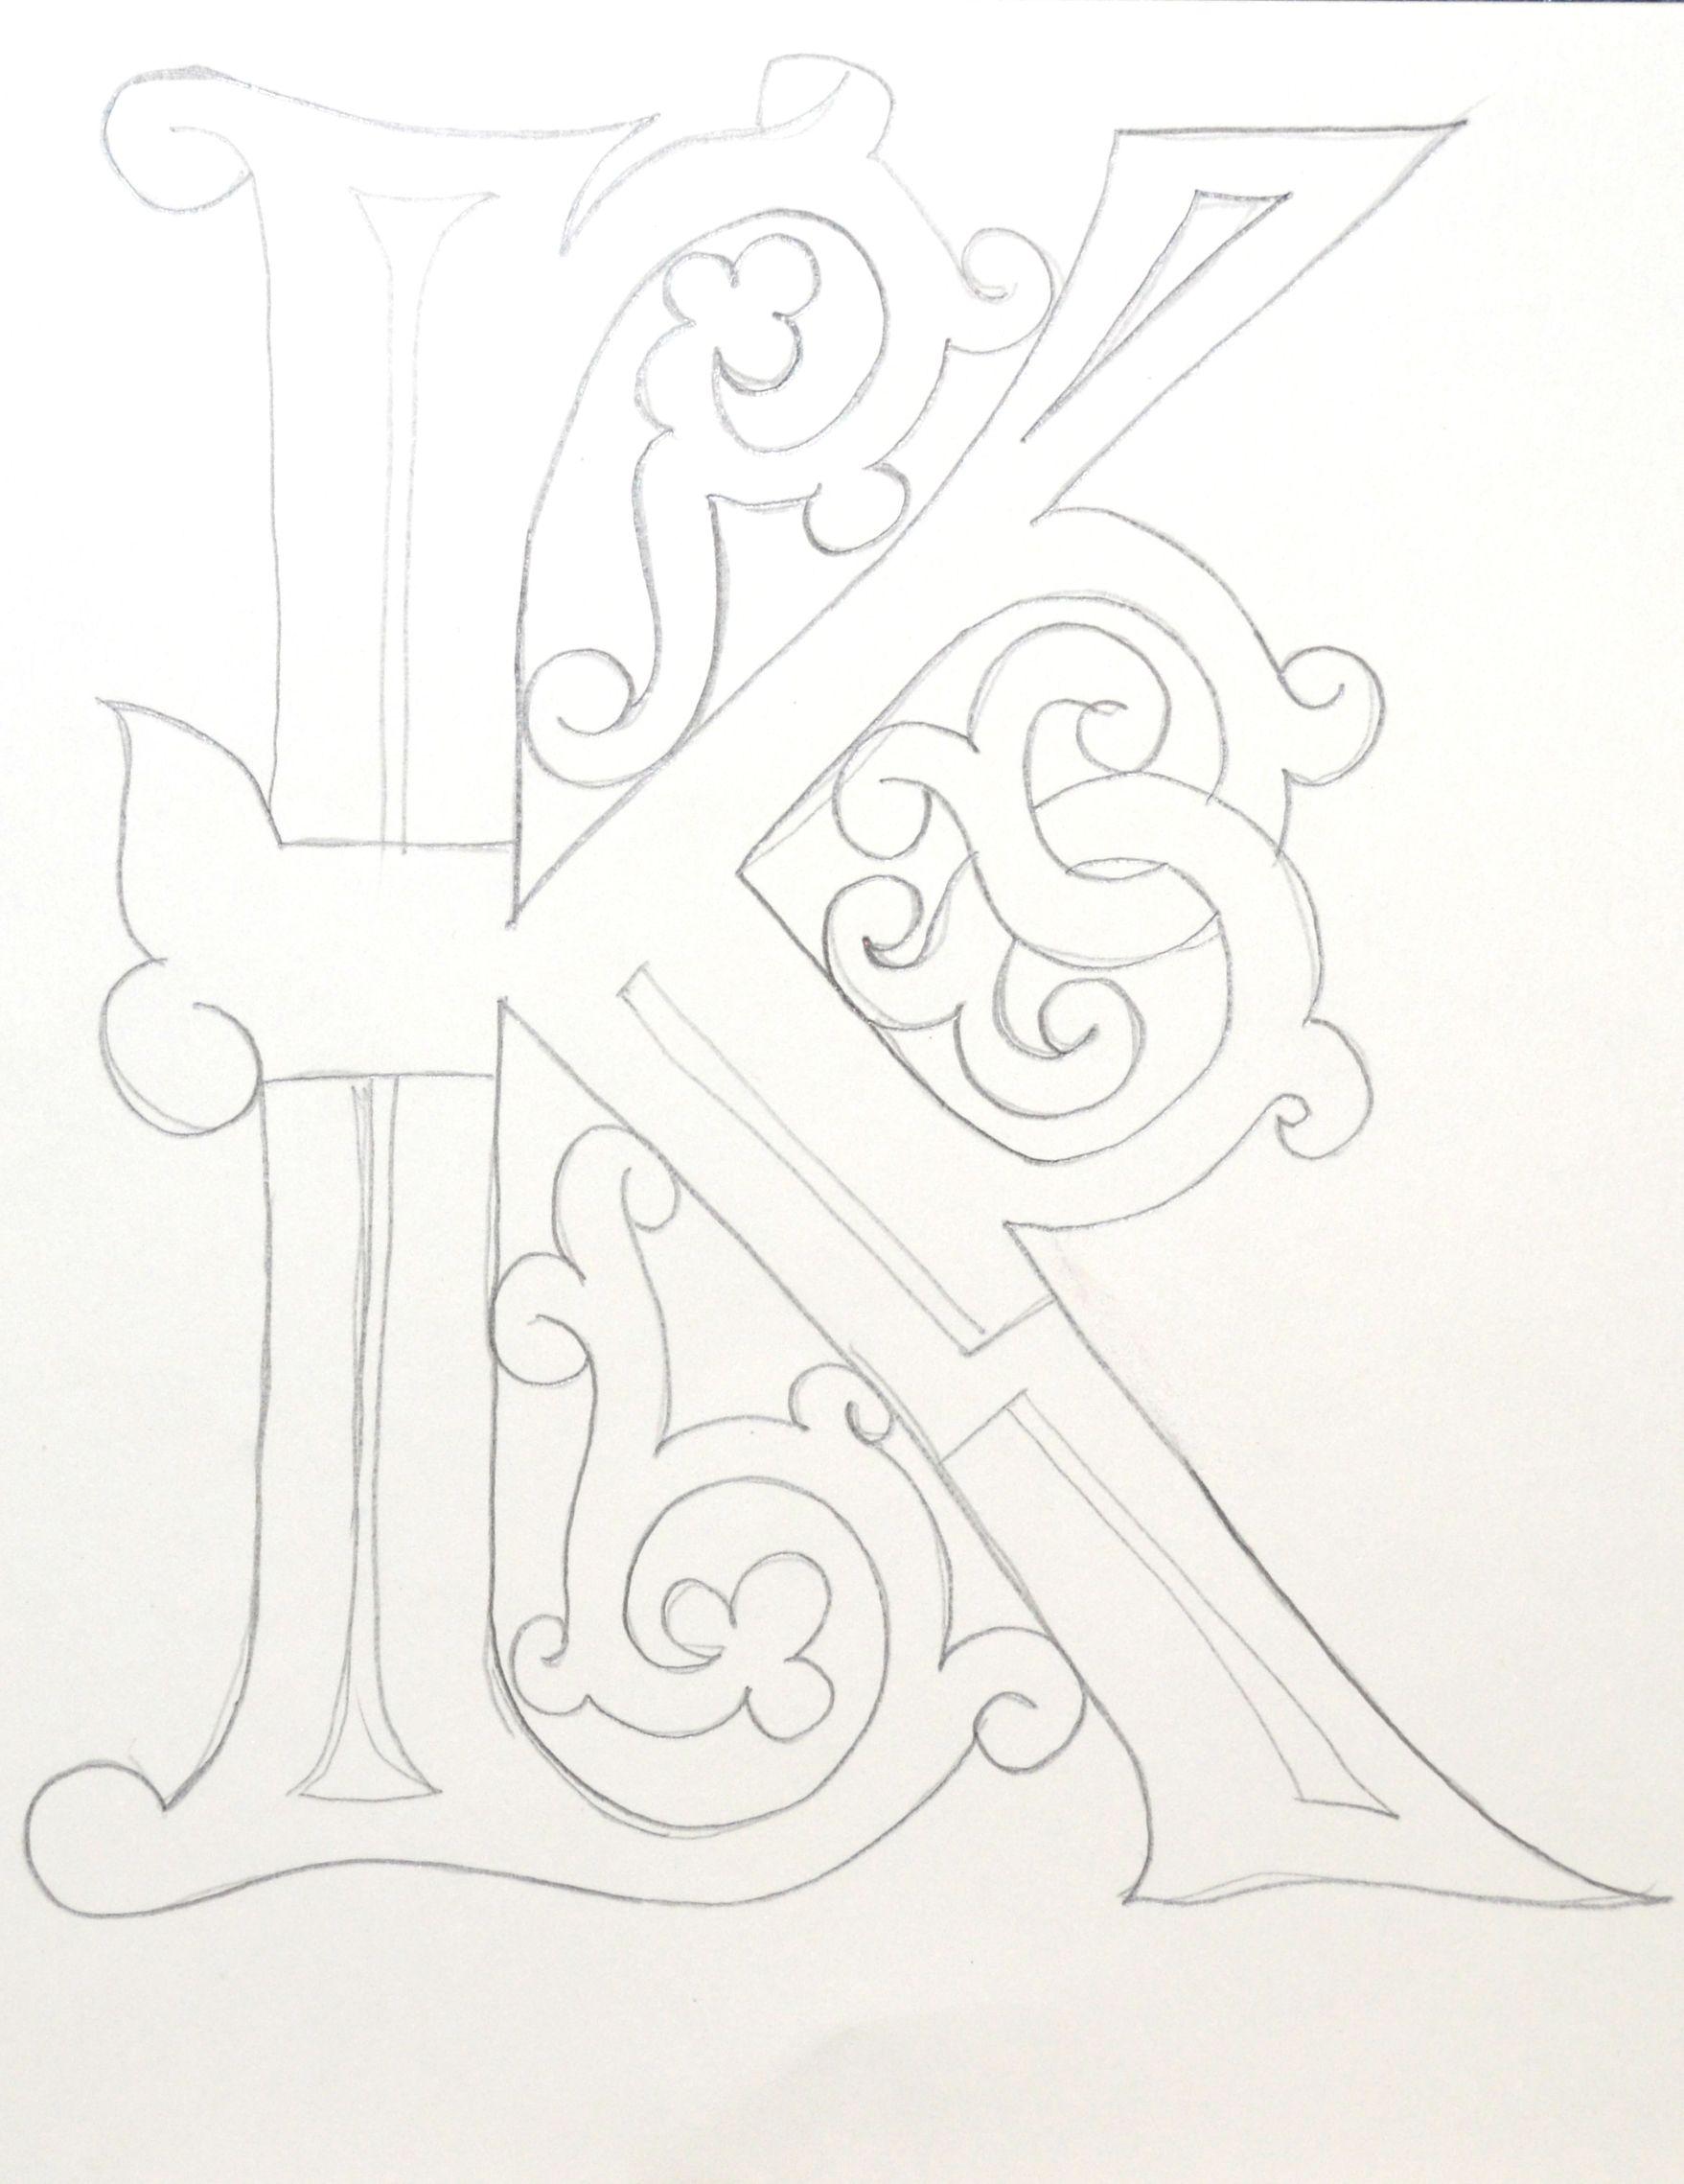 буквица к буквица в славянском стиле Creative Lettering